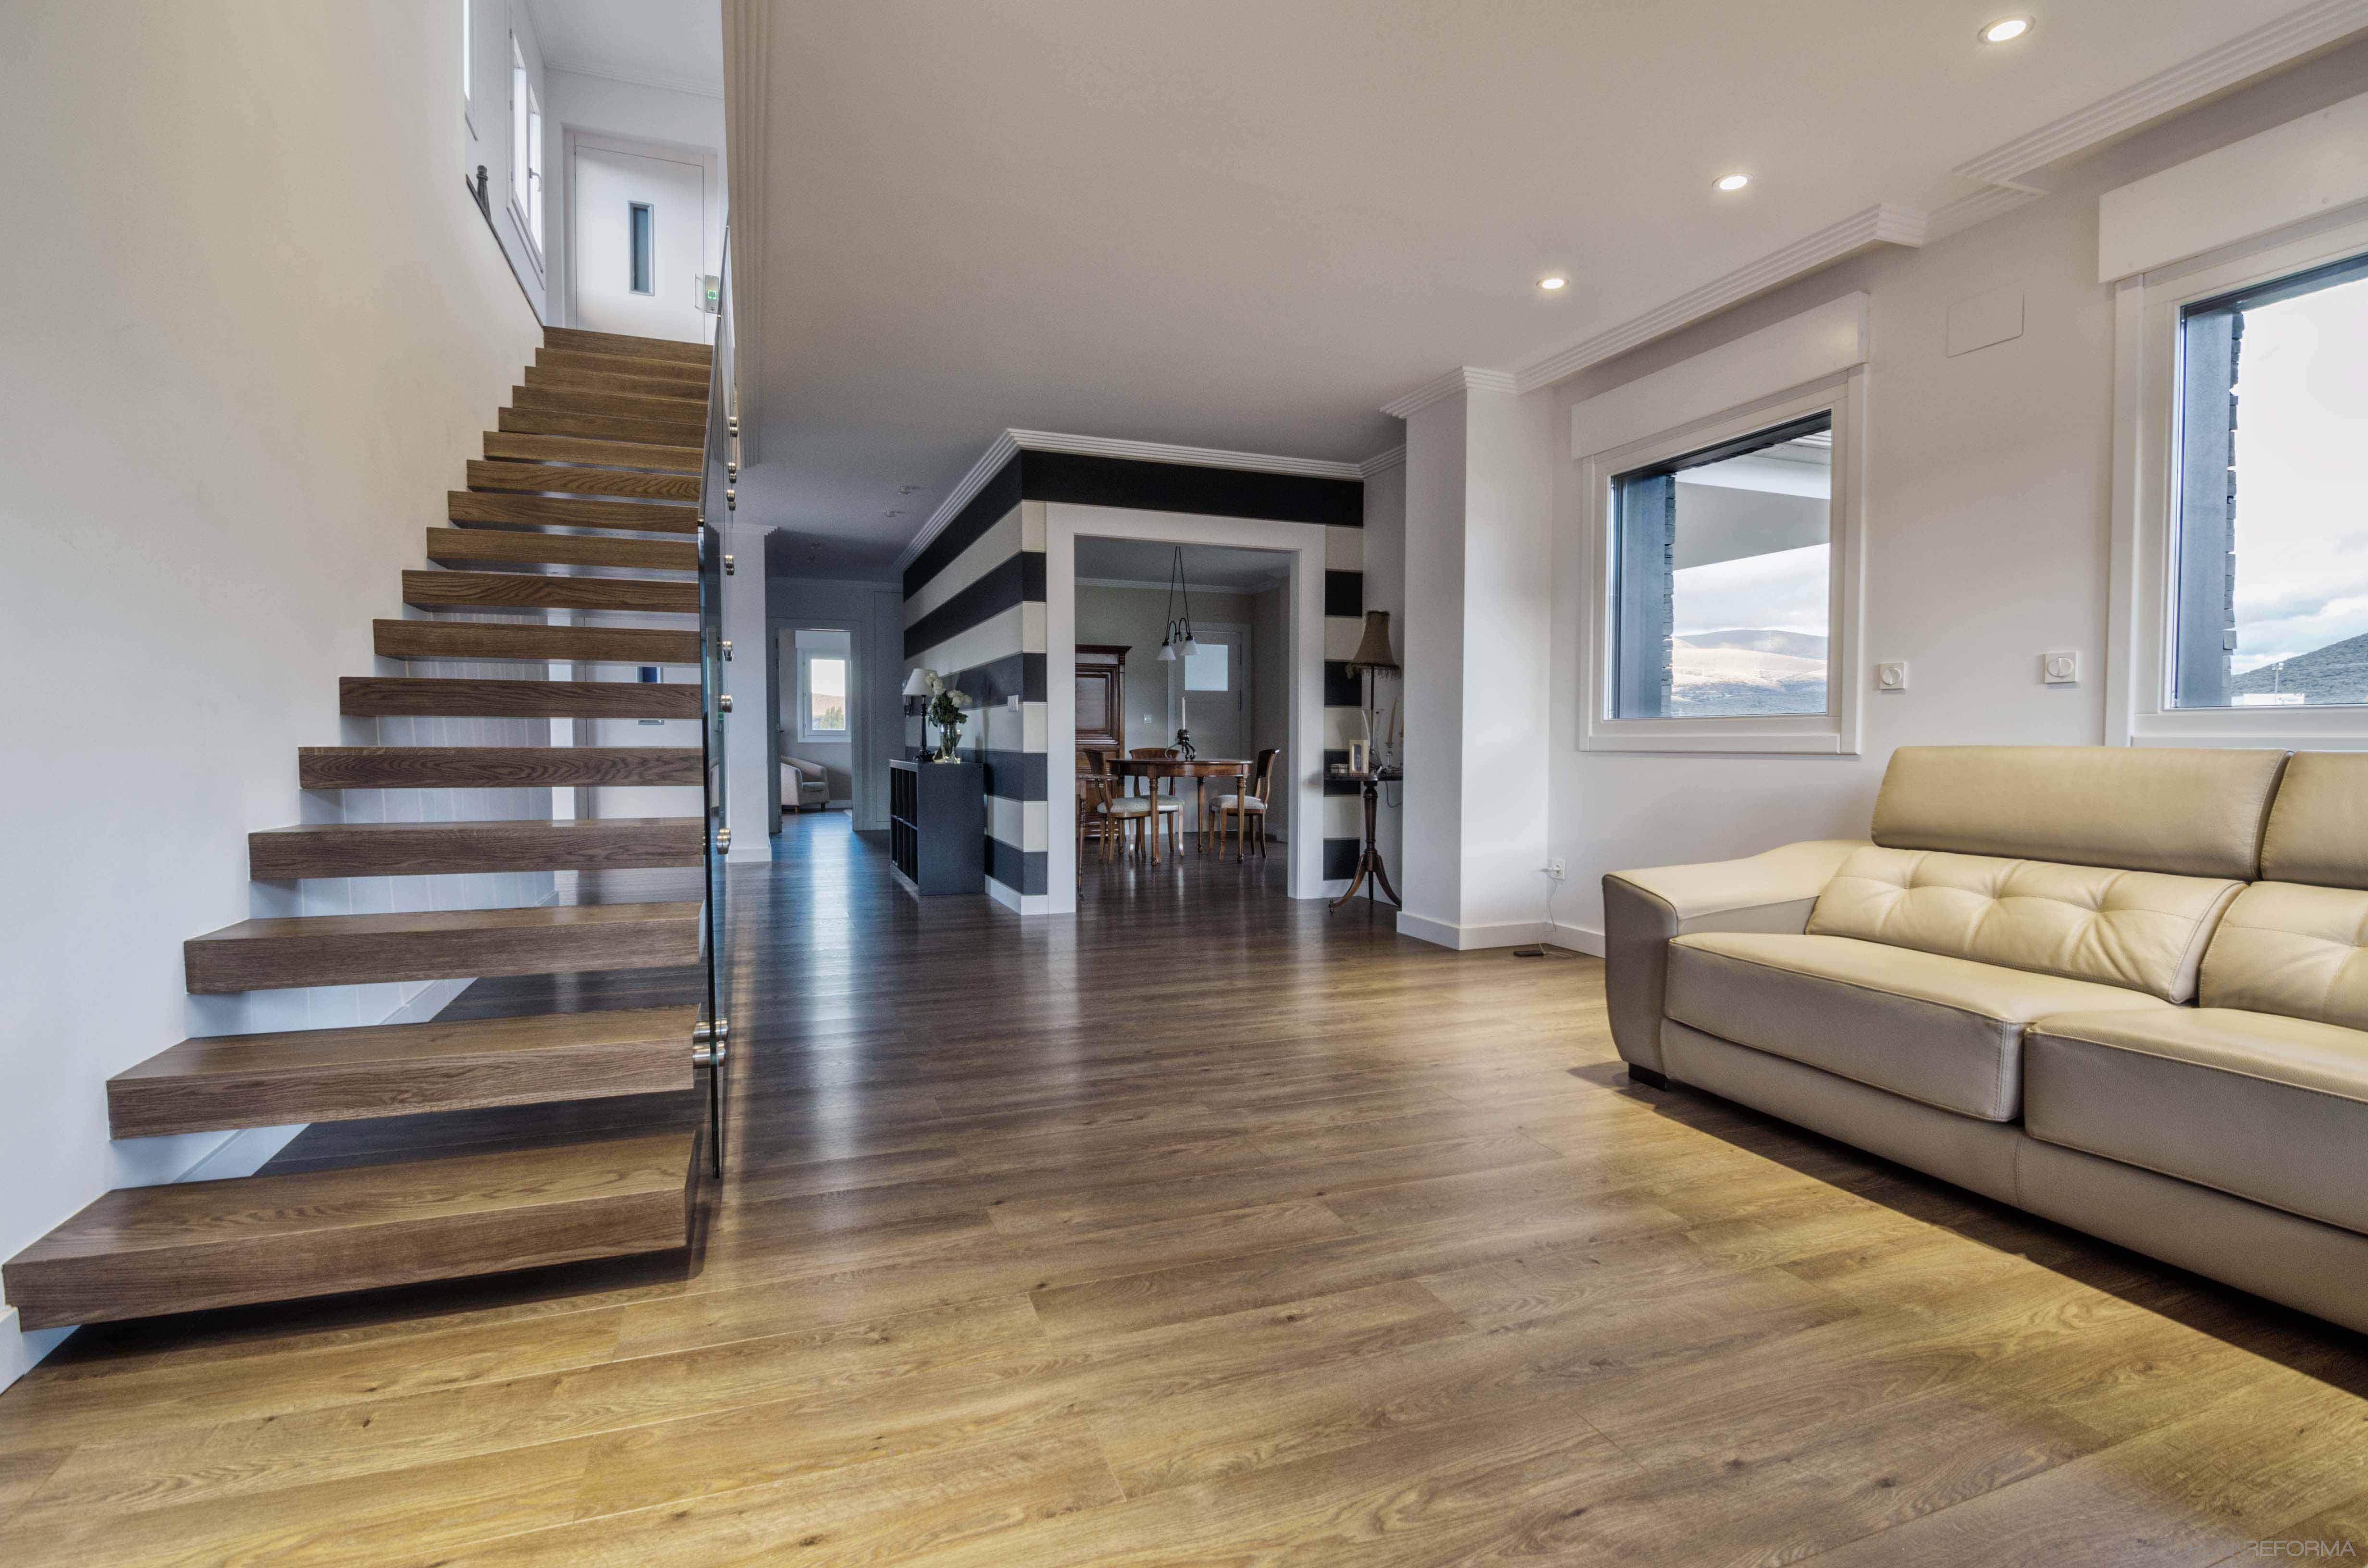 Salon, Escalera Estilo moderno Color beige, marron, marron, blanco, negro  diseñado por ADDEC arquitectos   Arquitecto   Copyright SI